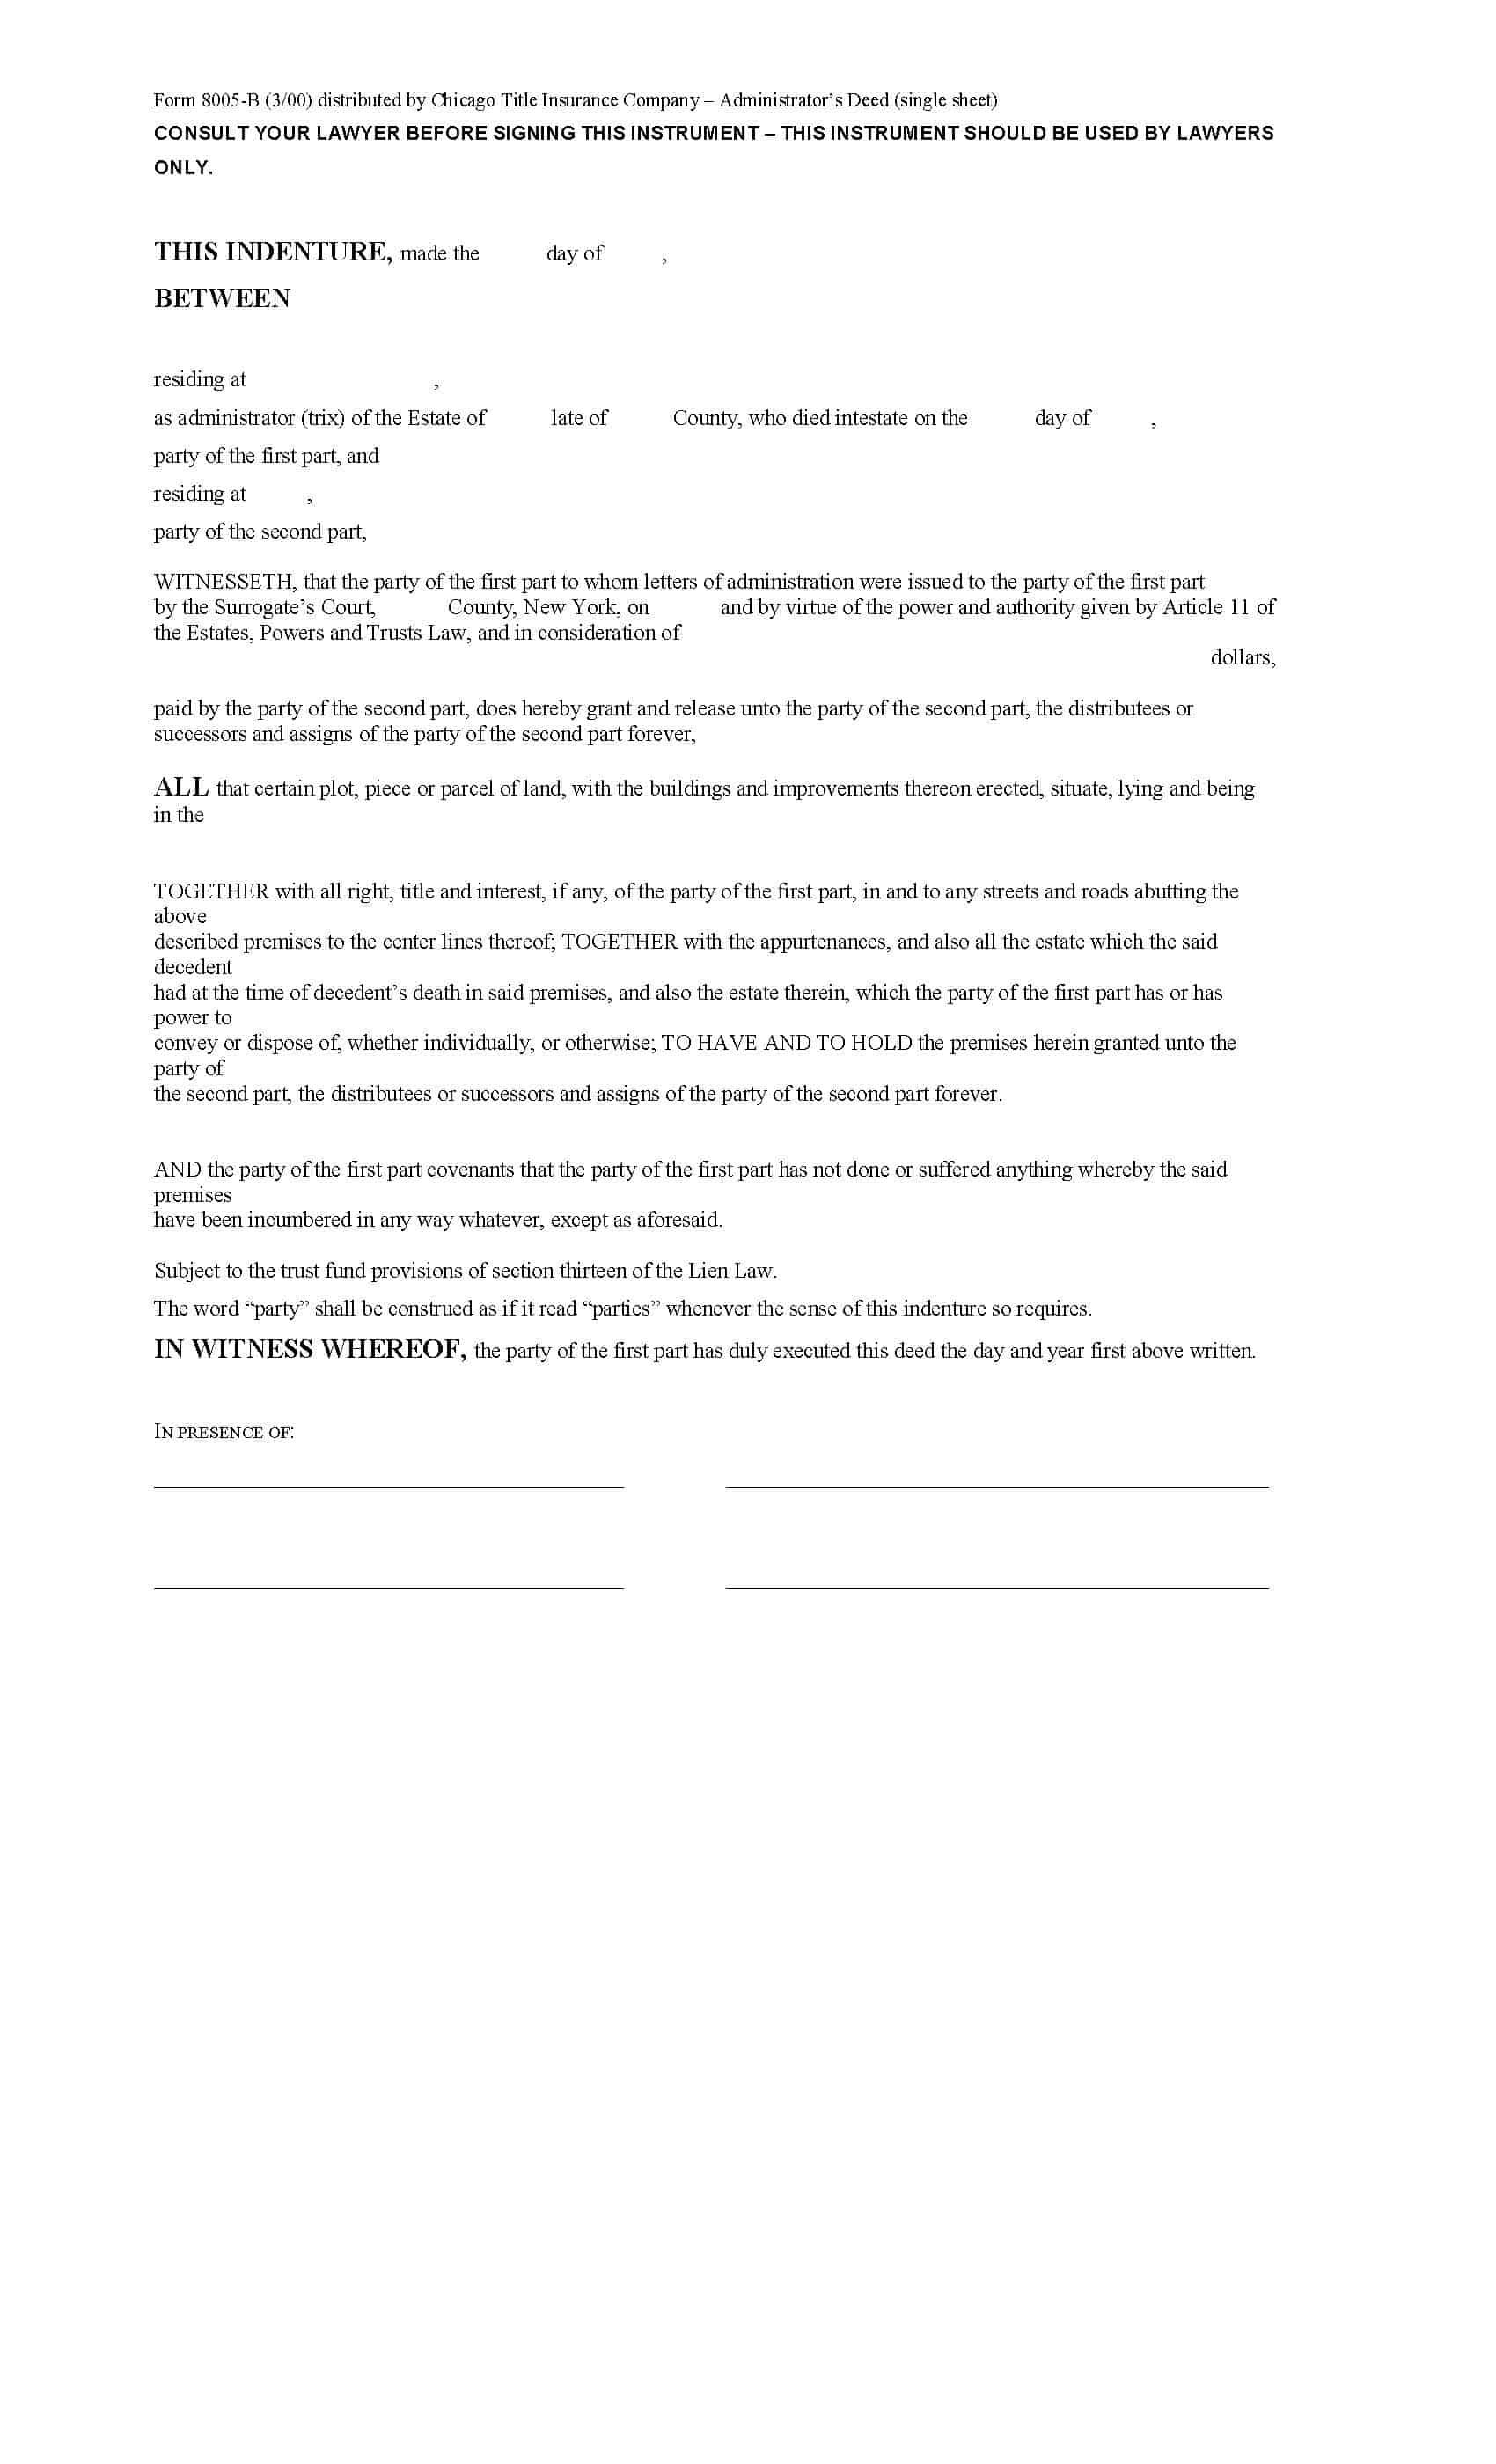 ny abstract company forms